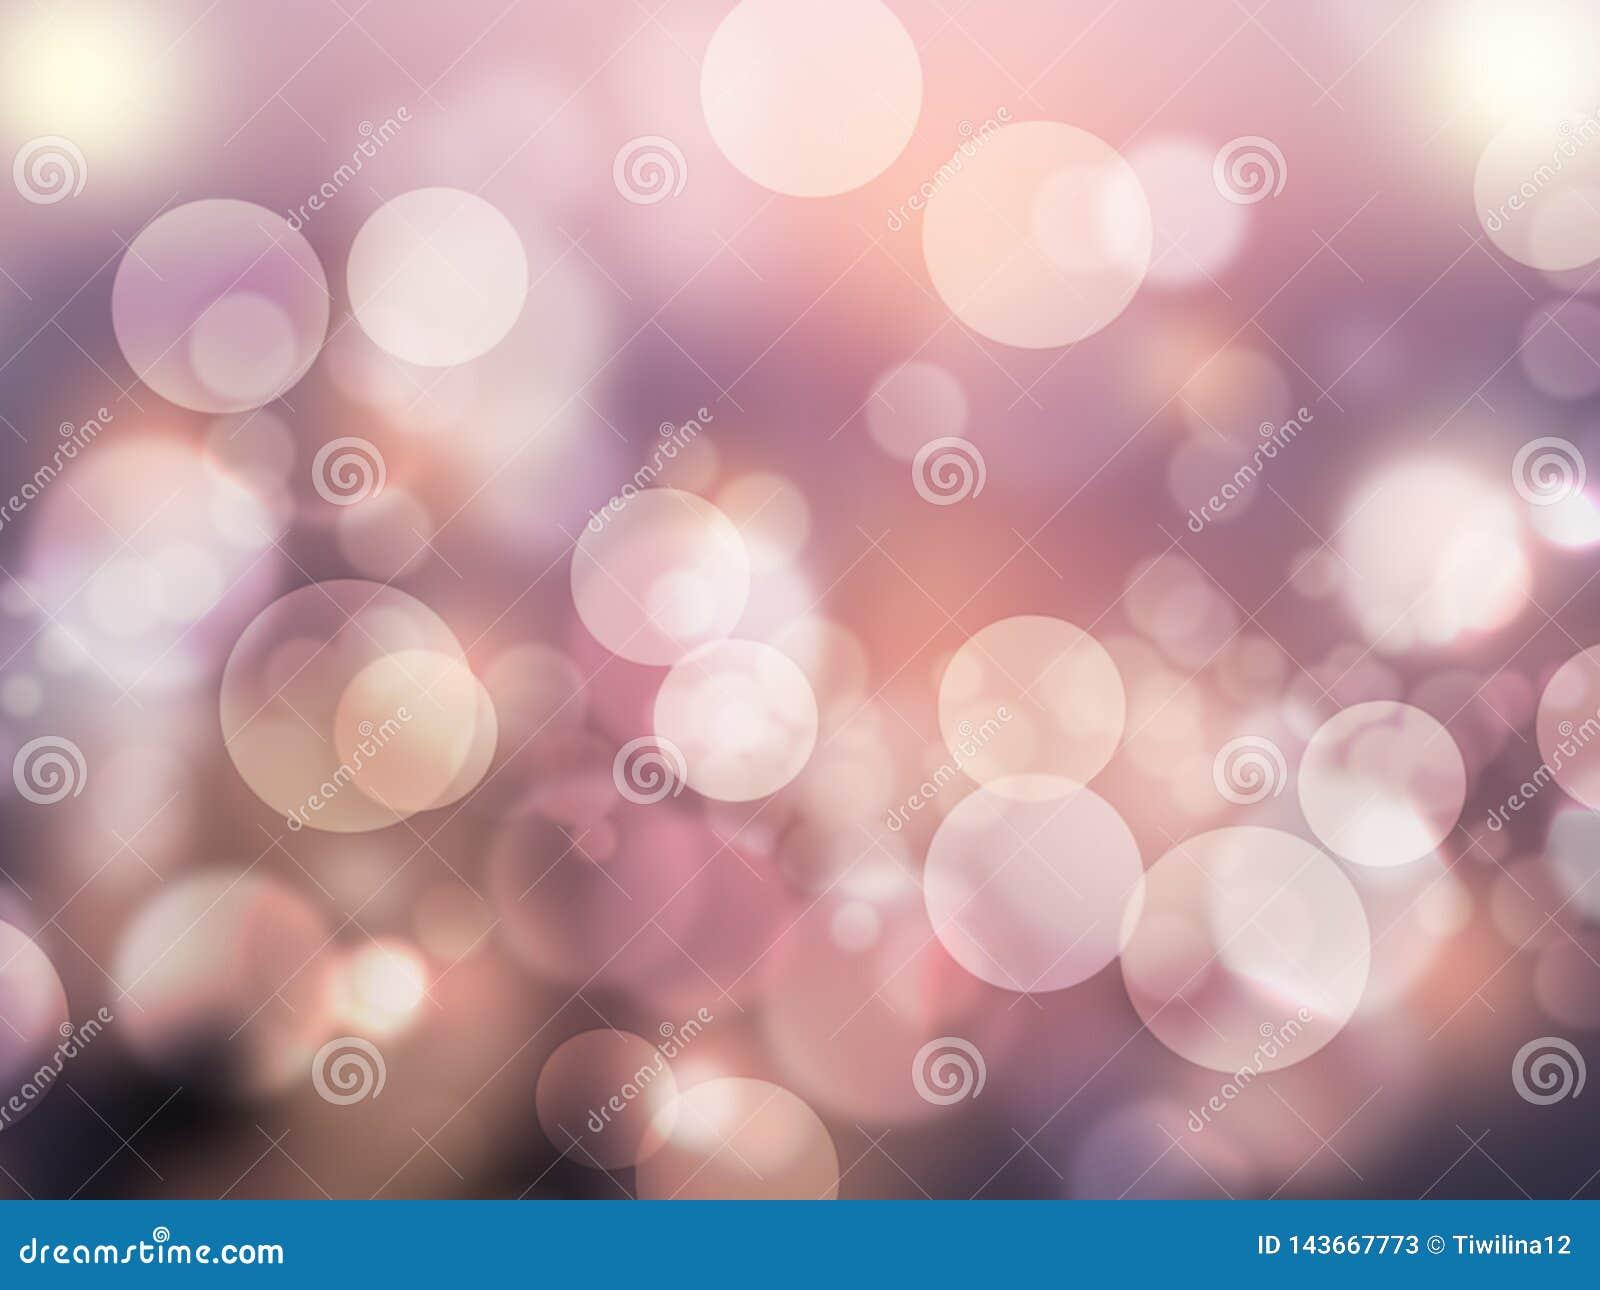 抽象bokeh作用浪漫紫色摘要背景发光和被弄脏的墙纸